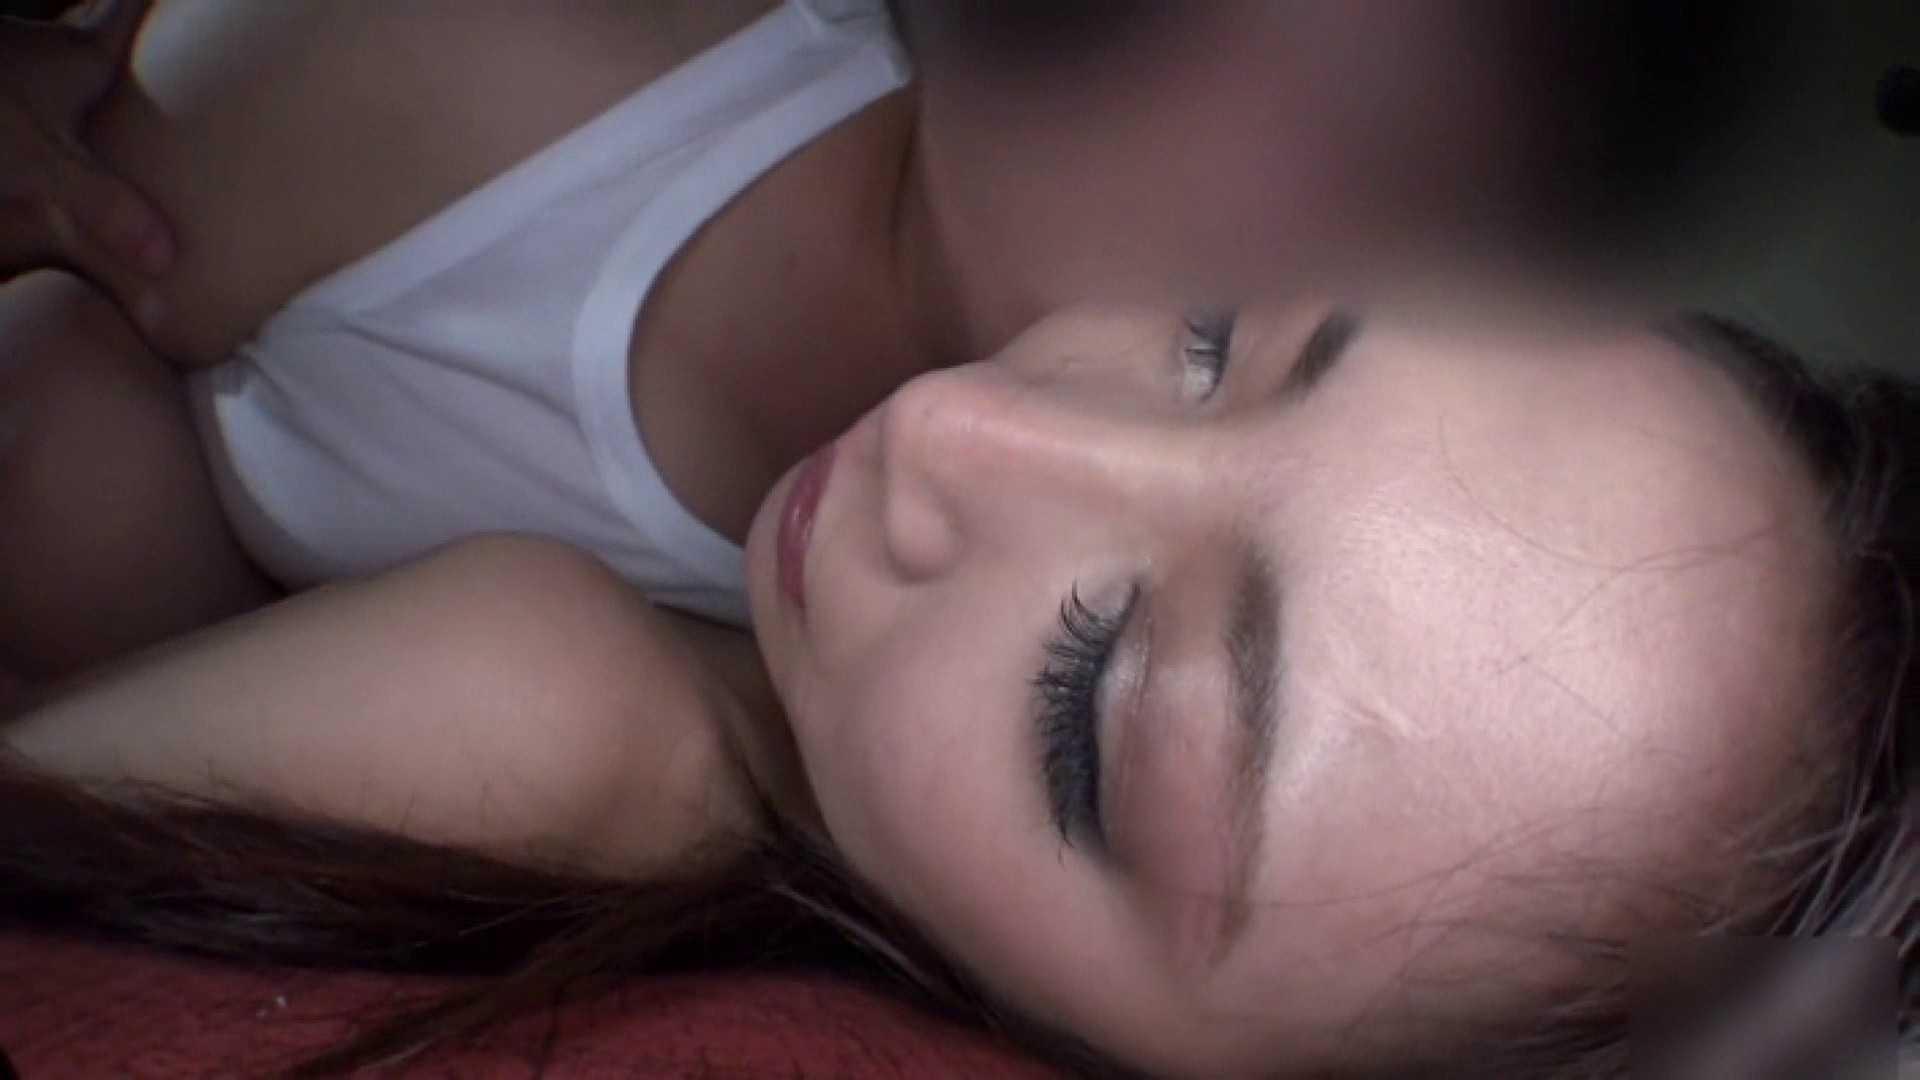 おしえてギャル子のH塾 Vol.04 後編 一般投稿 オマンコ無修正動画無料 45pic 6